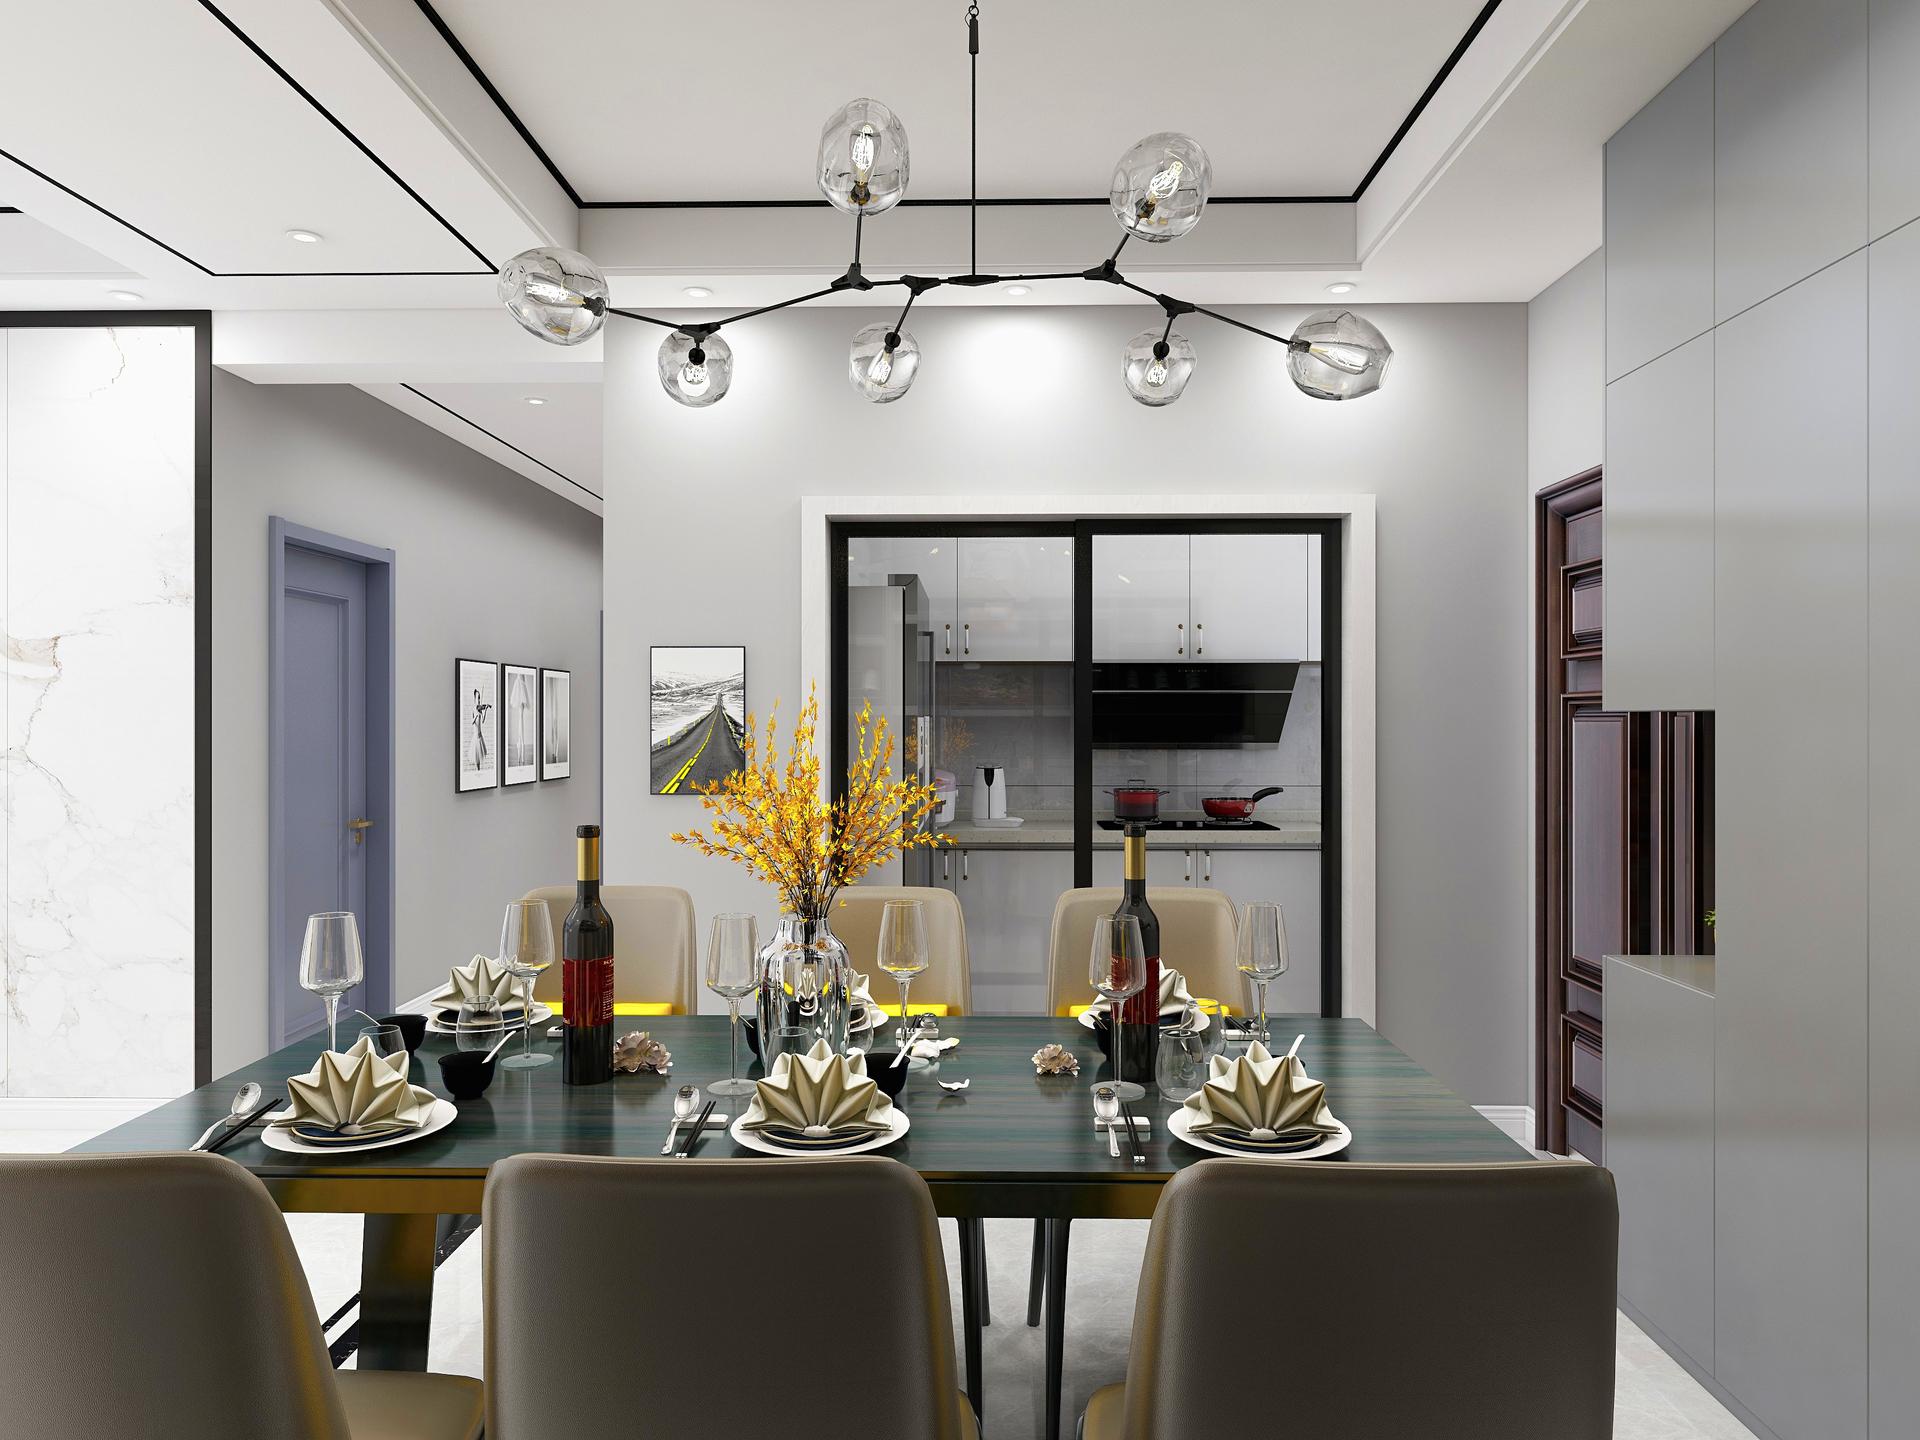 餐厅是一家人难得聚在一起共同进餐、交流的空间,没有多余的装饰,仅有温馨为主!